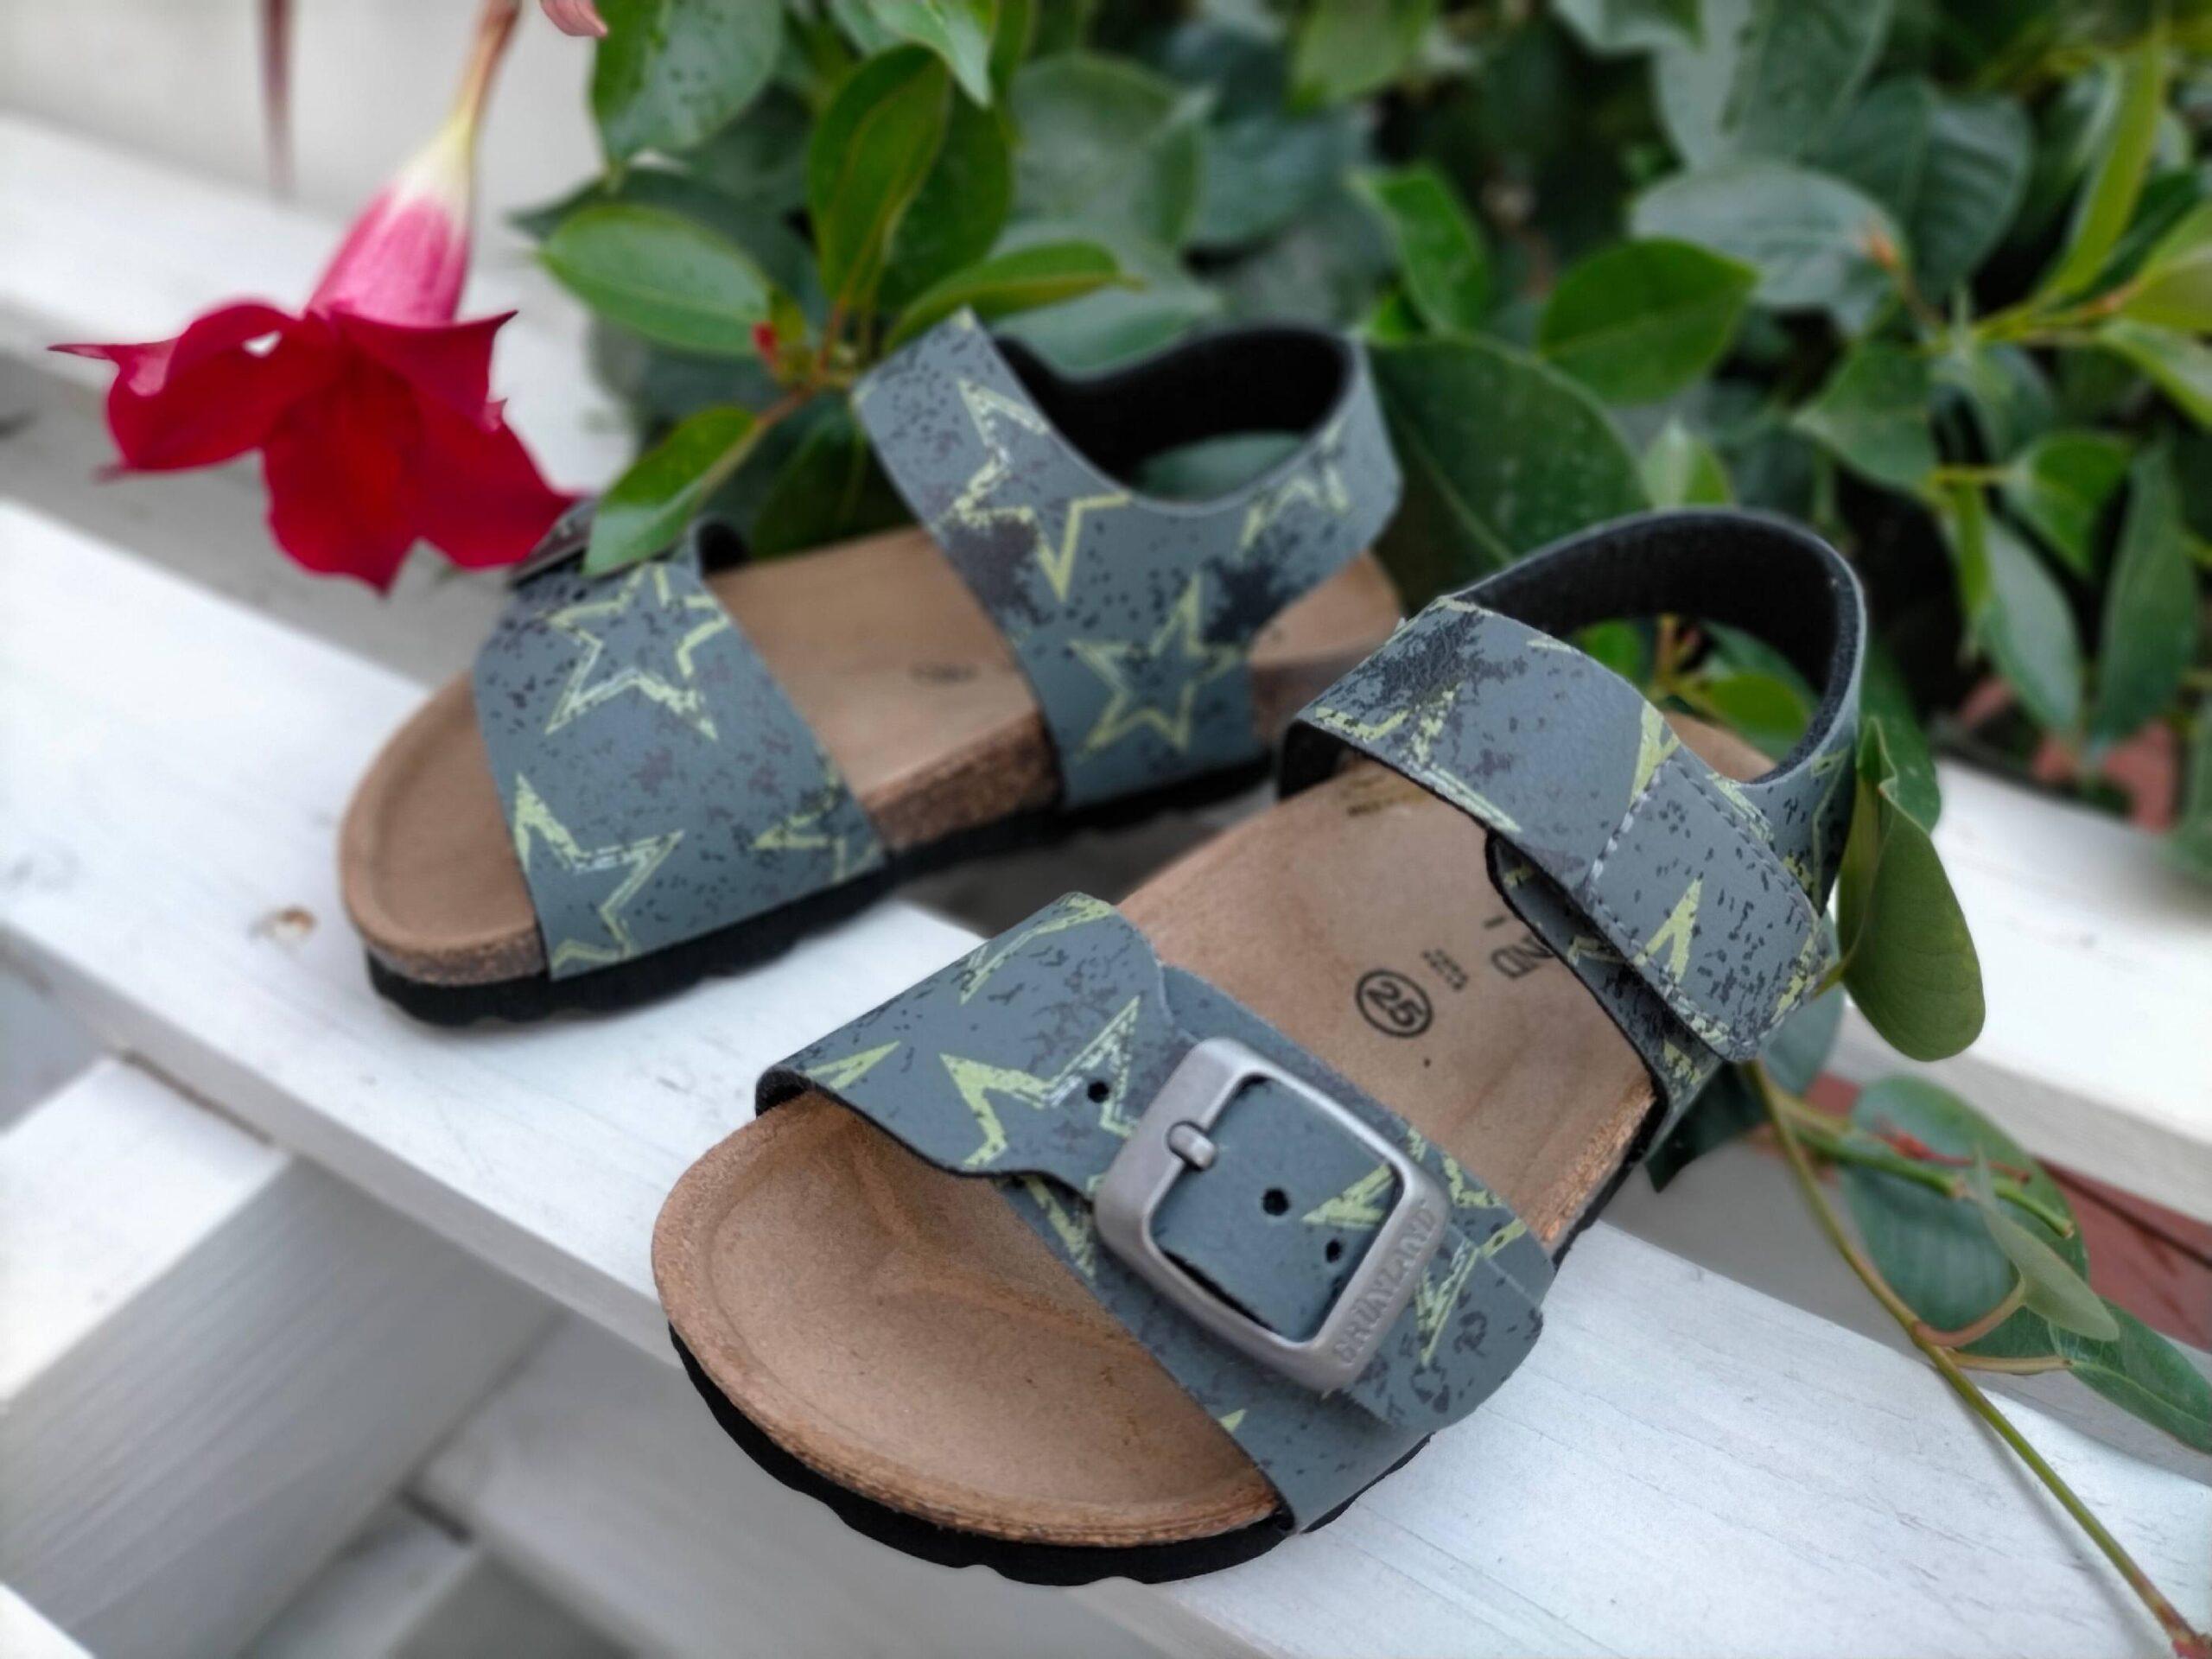 grunland luce sb1683 40 grigio sintetico fibbia plantare in sughero sandali estivi da bambino collezione primavera estate